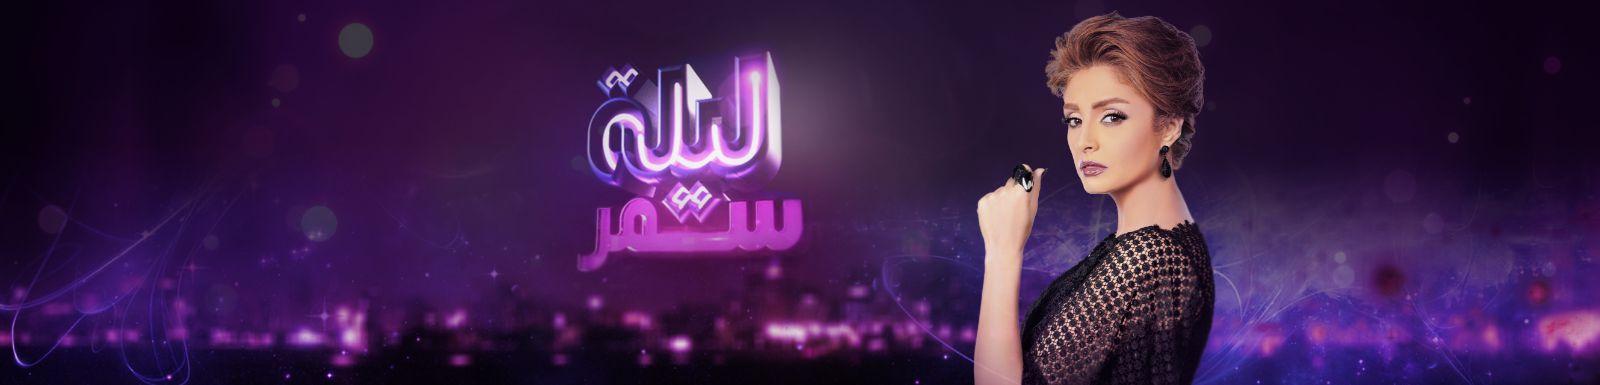 تحميل برنامج ليلة سمر الحلقة 29 شاهد نت احمد شيبه